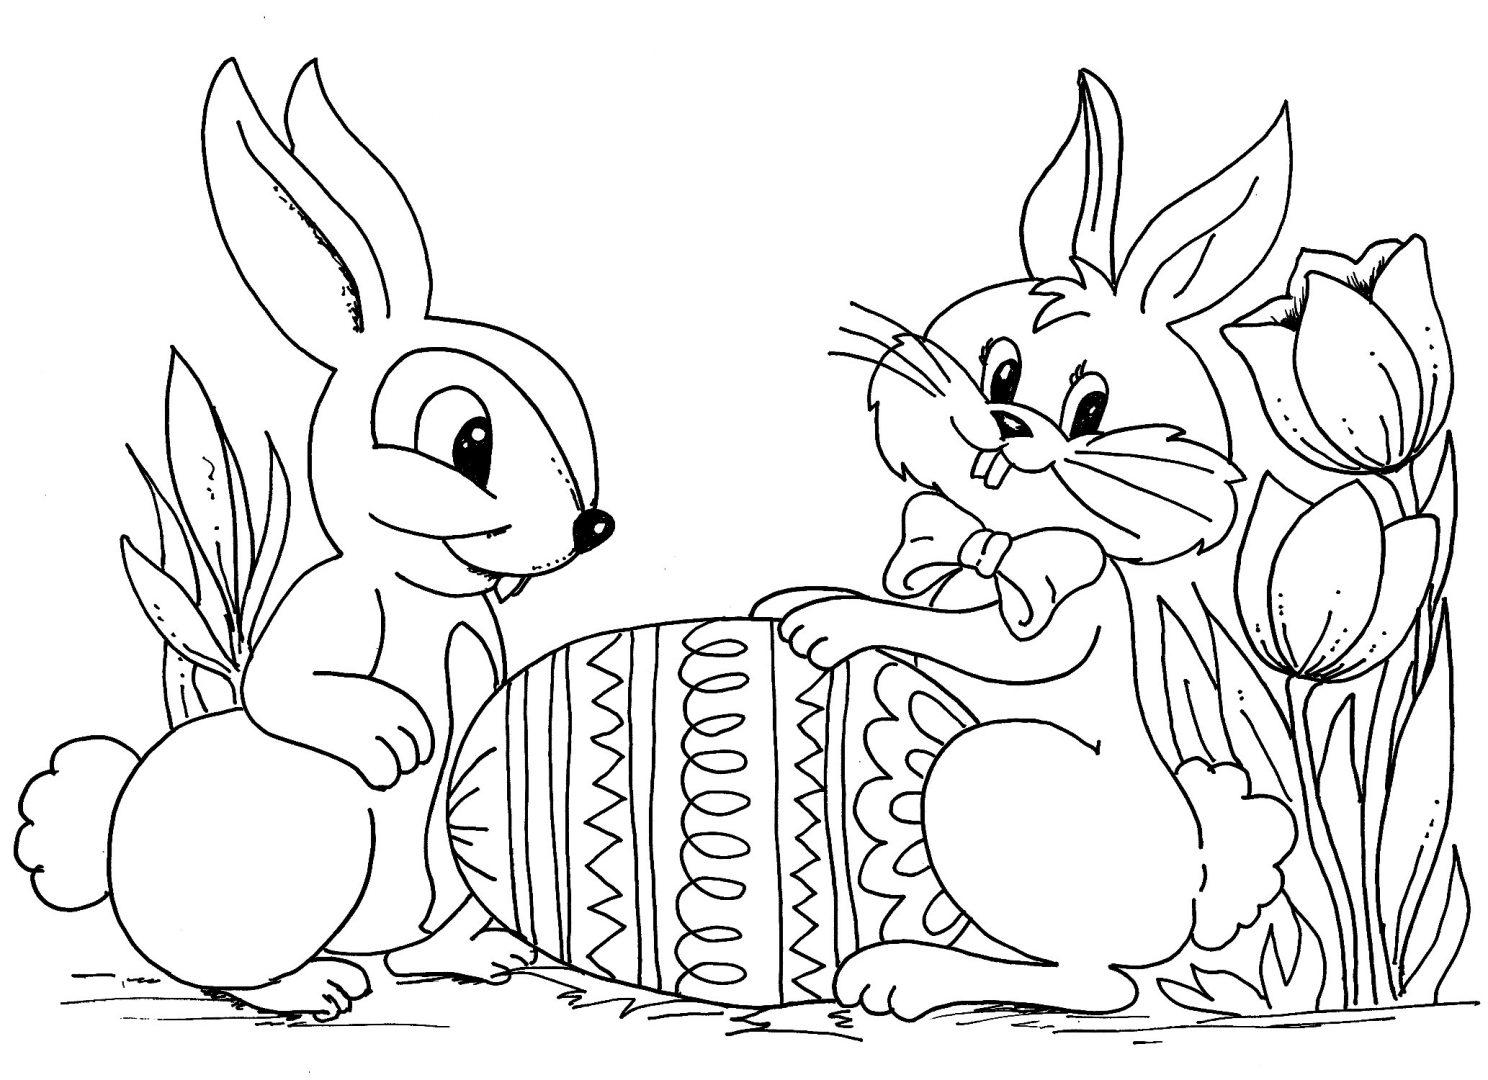 Galería de imágenes: Dibujos de conejos de Pascua